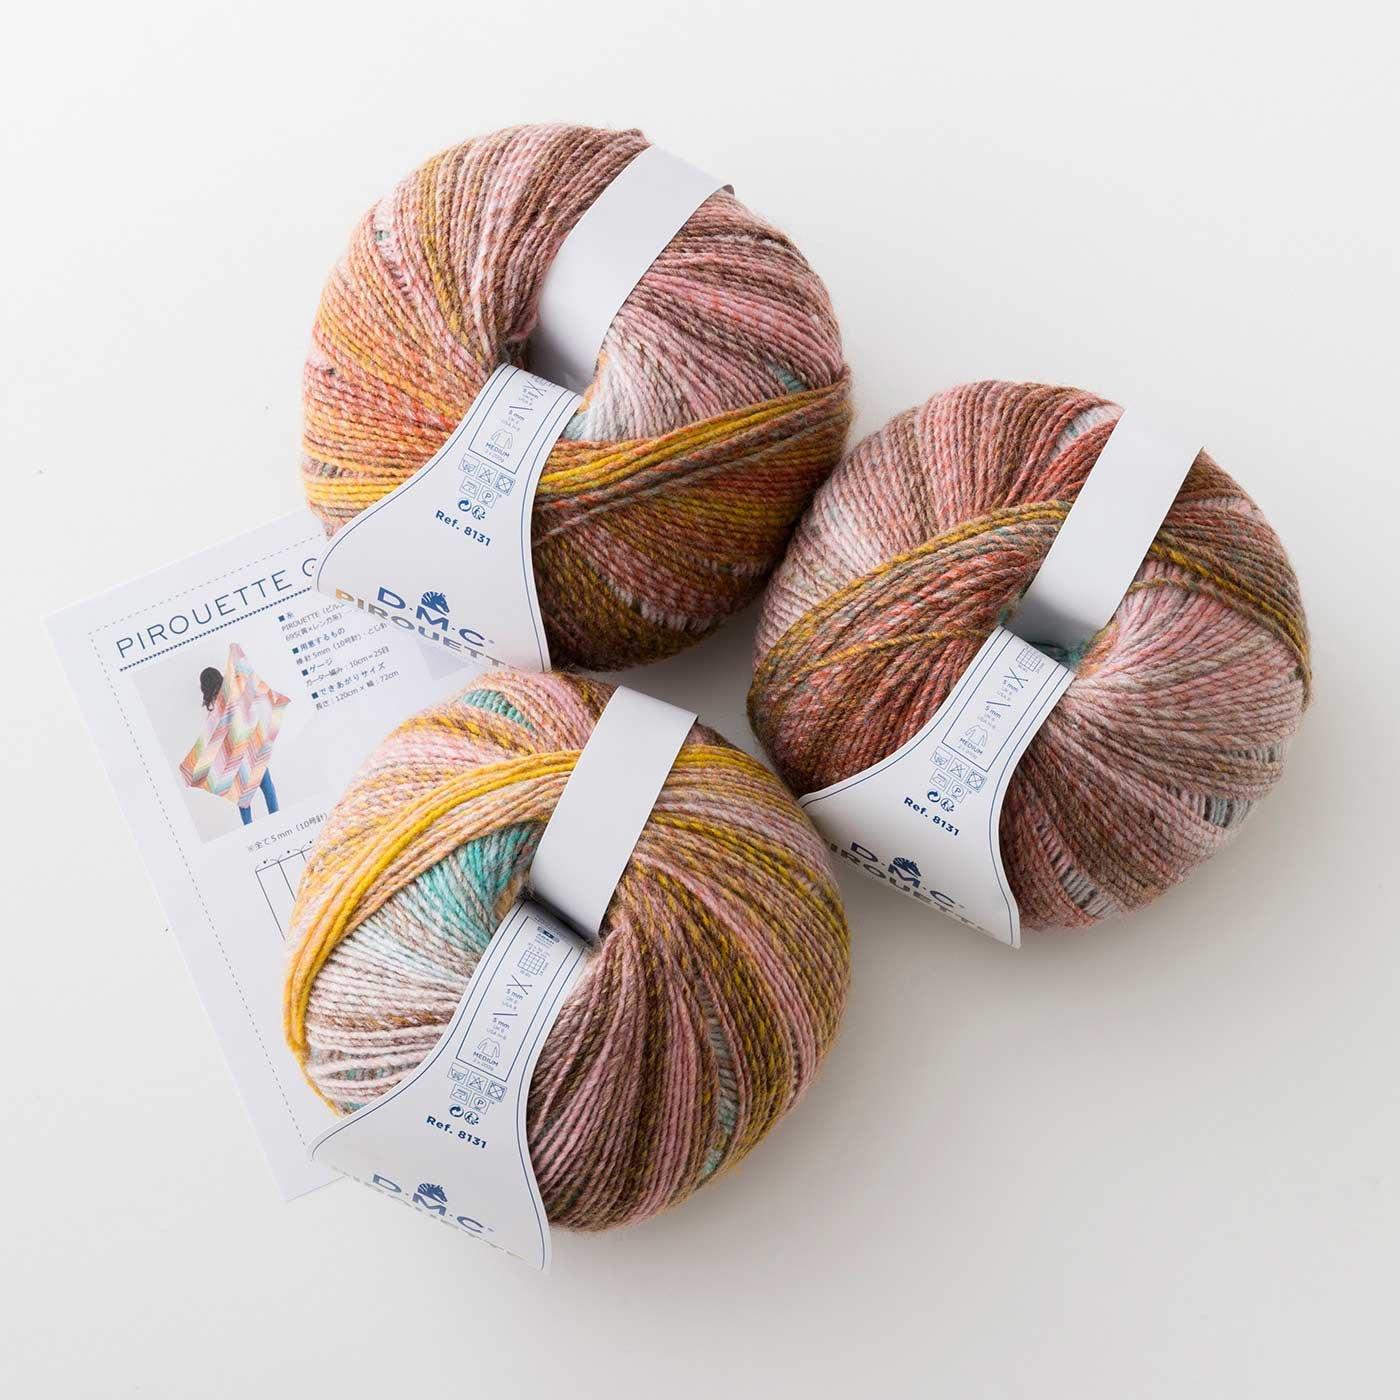 美しい色の段染め糸 DMC PIROUETTE(ピルエット)大判ブランケットのレシピ付き